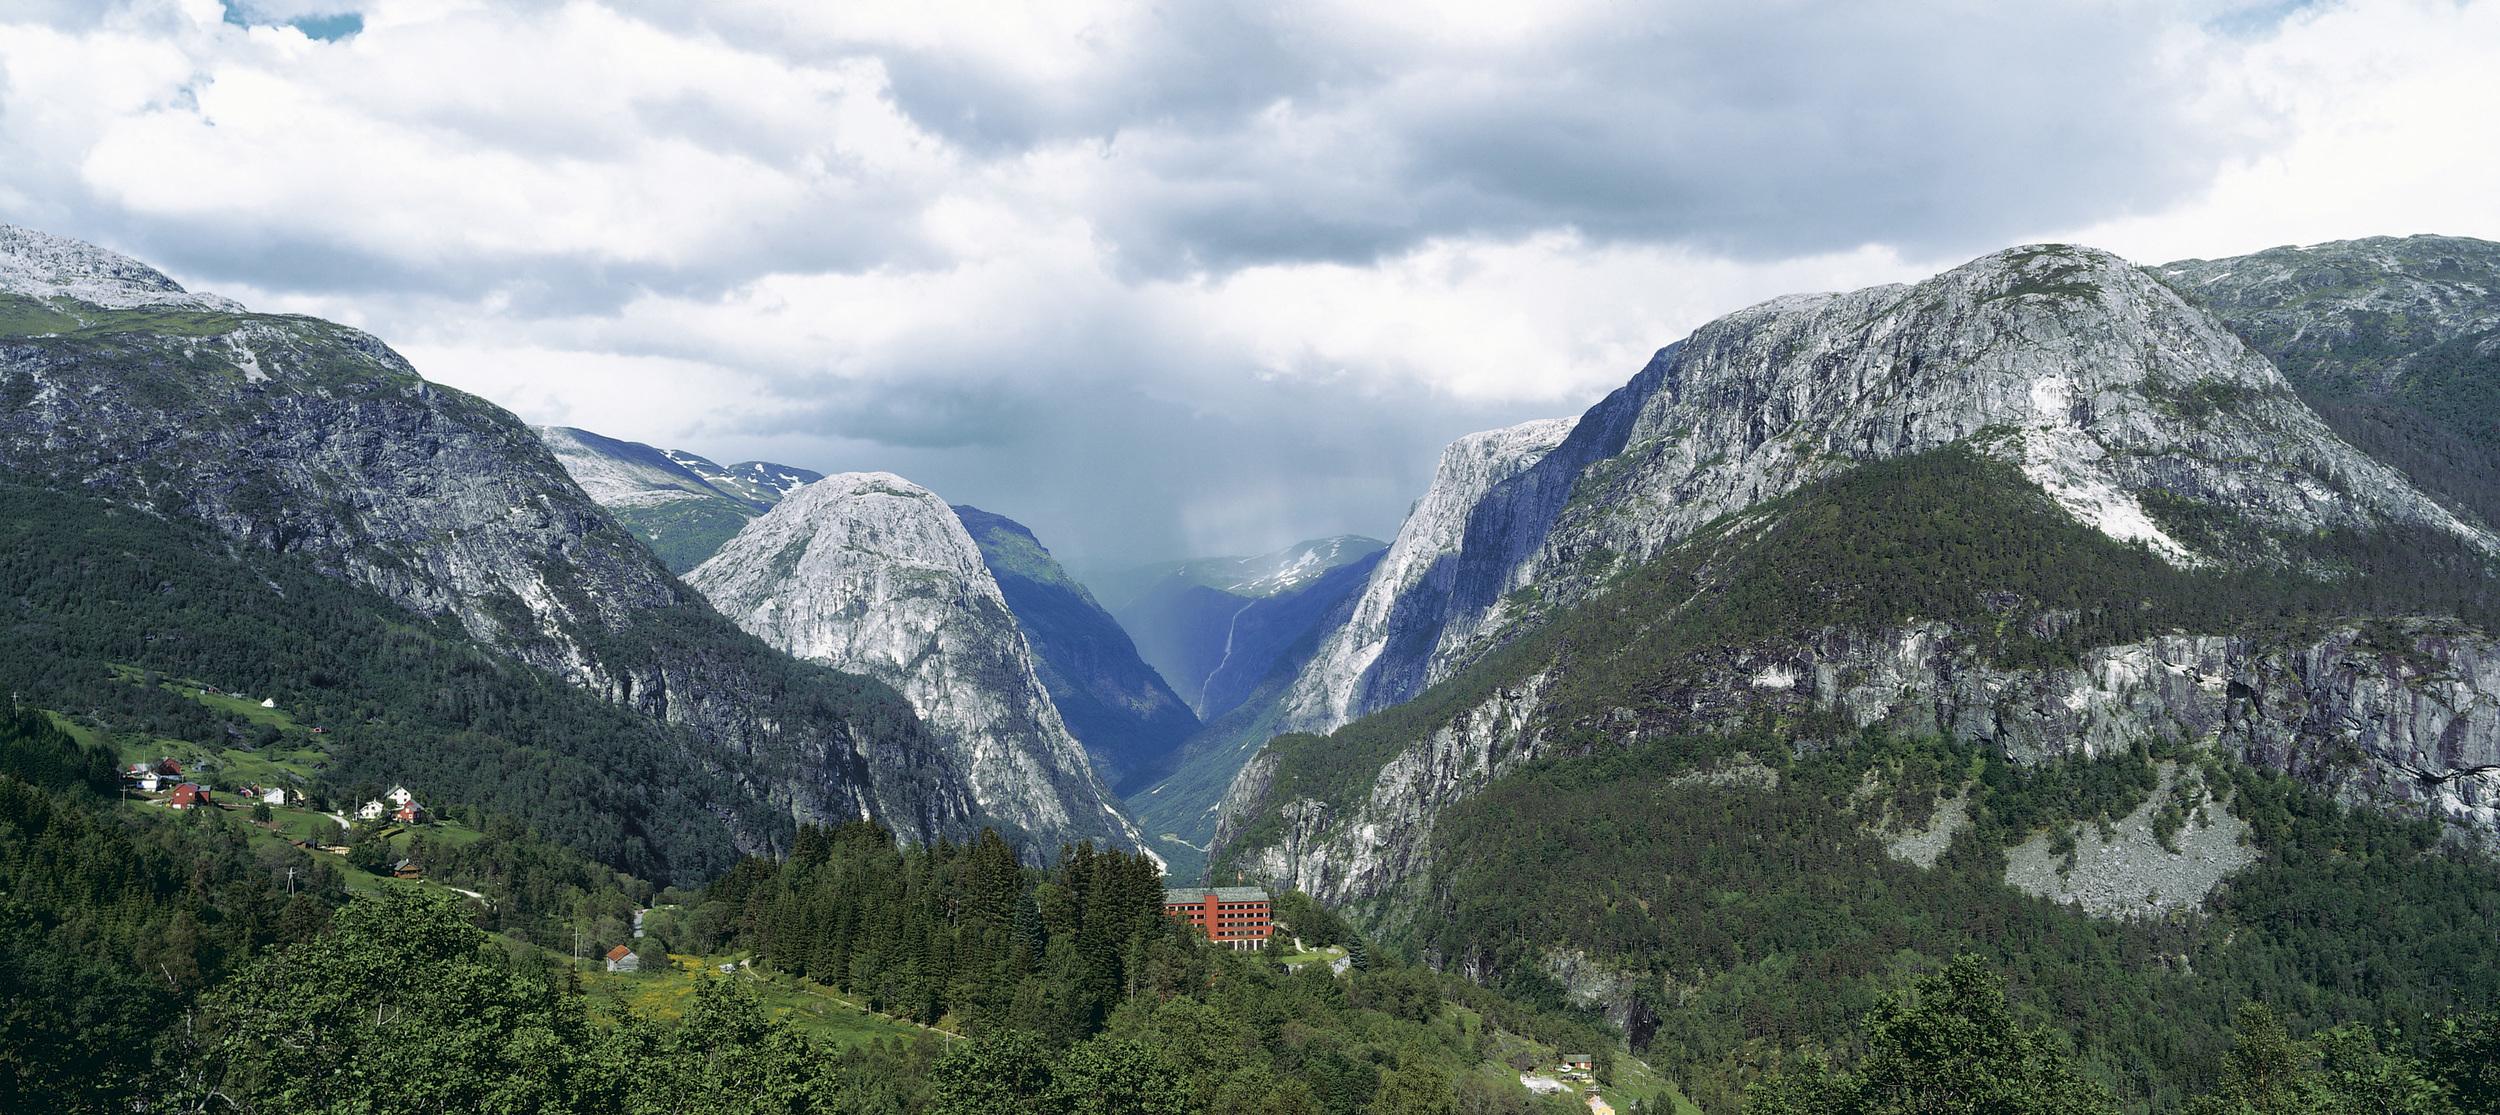 Stalheim Hotel og Nærøydalen - Snorre Aske .jpg